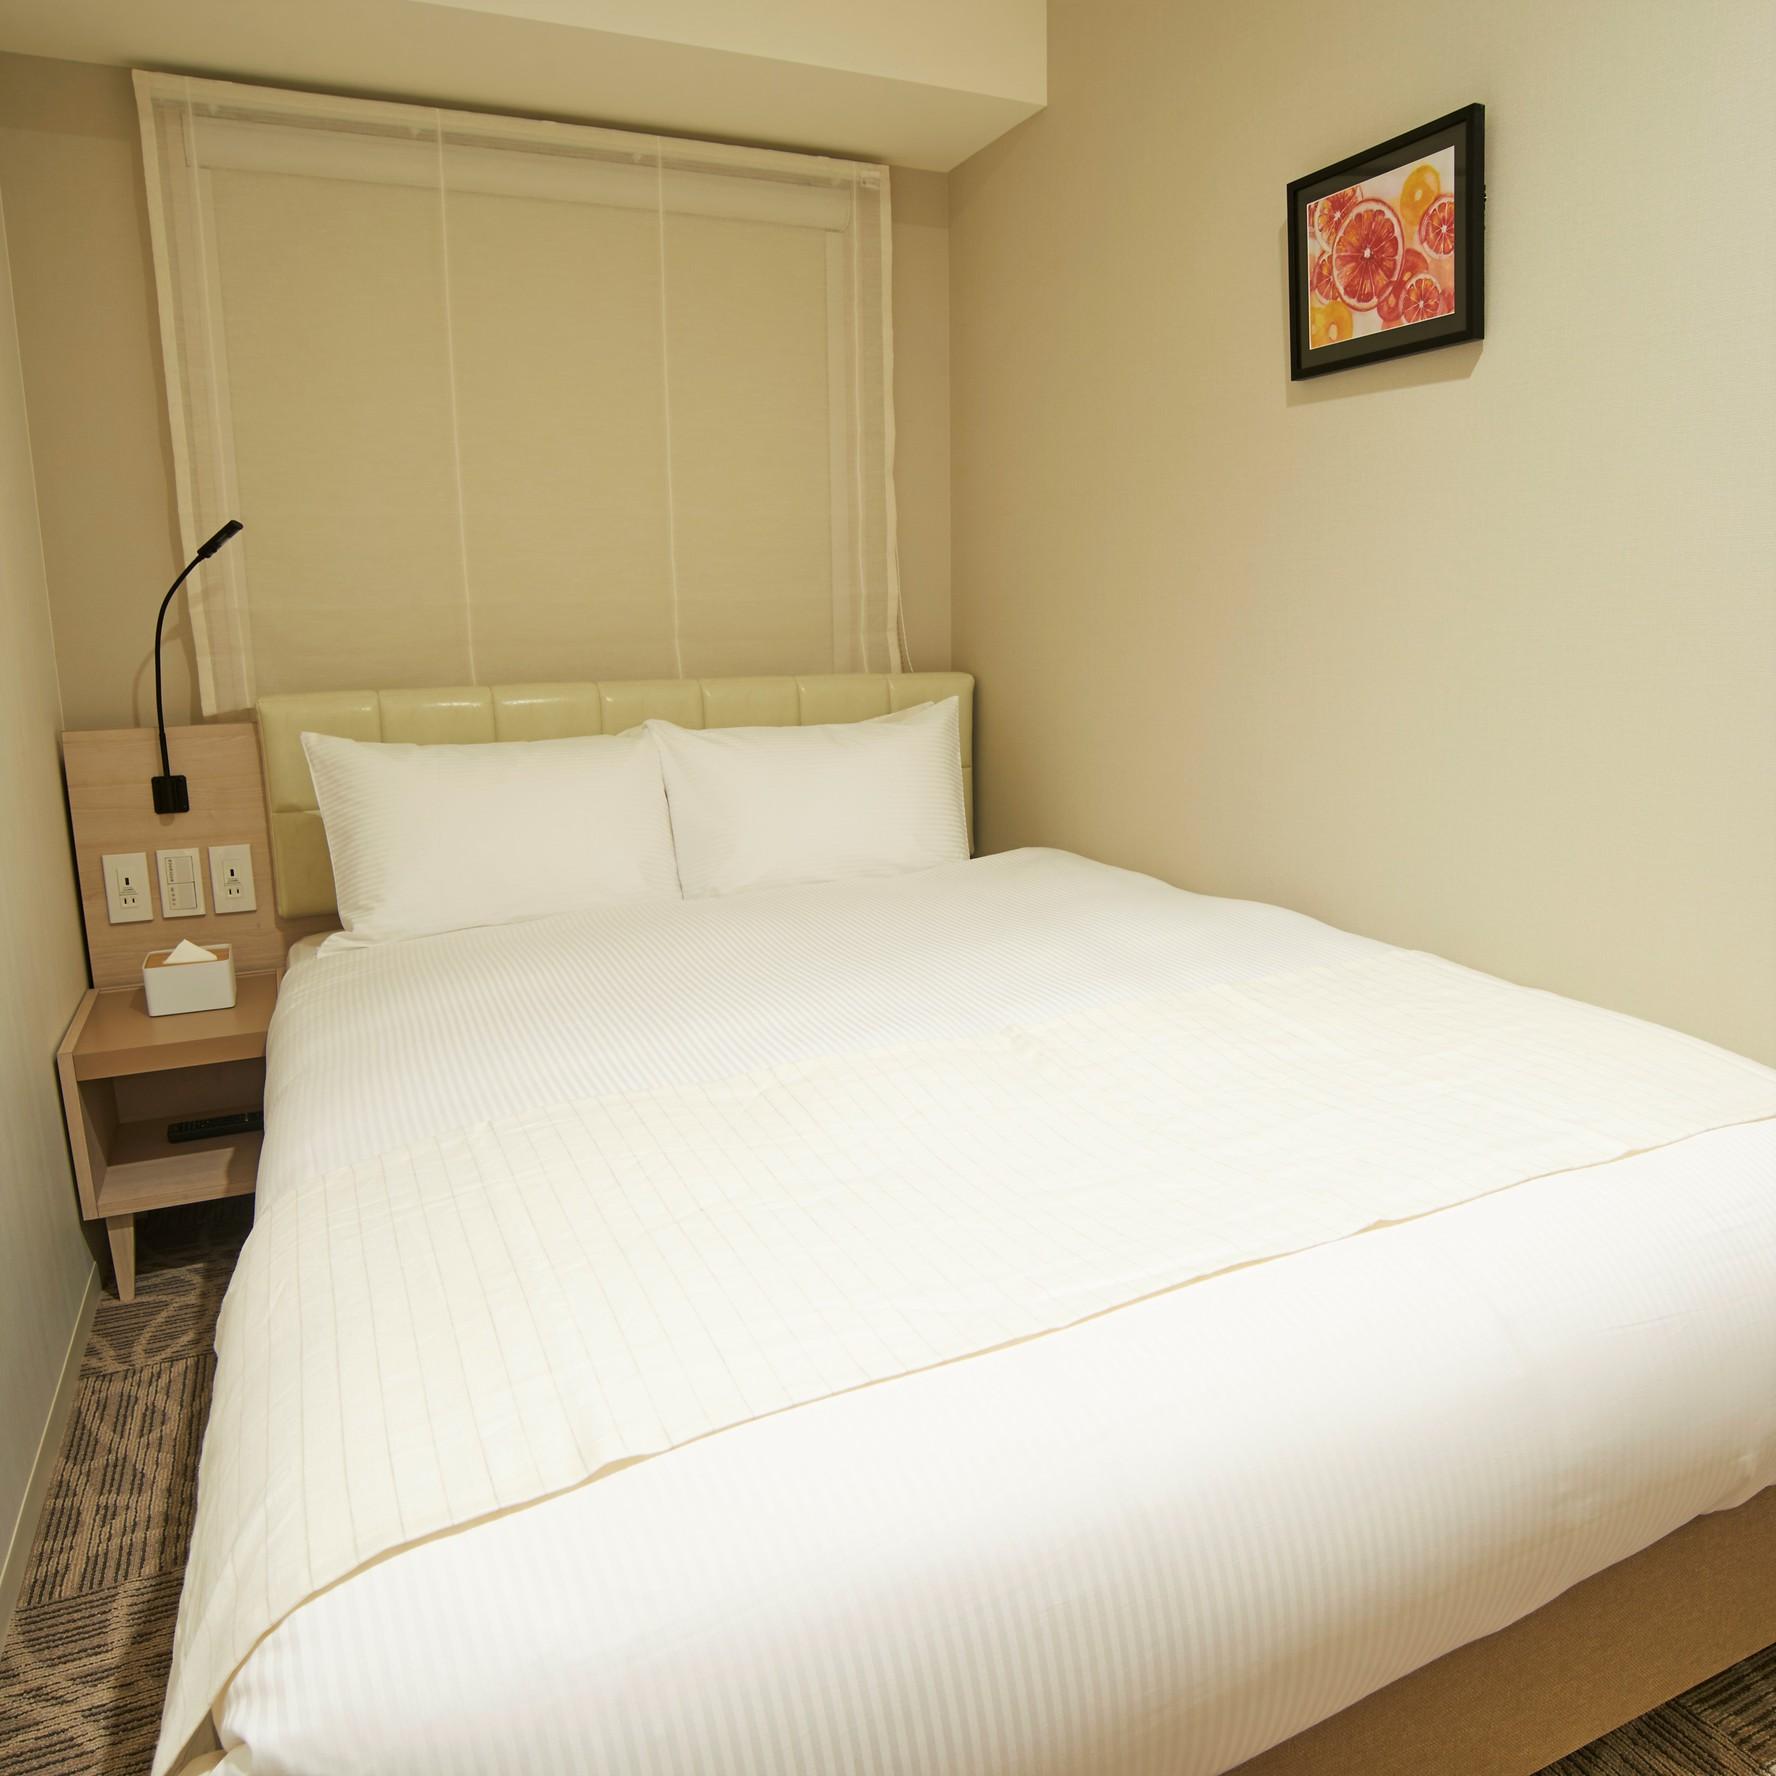 【ダブルルーム】ベッドは有名シモンズ社製です。贅沢な時間をどうぞ♪